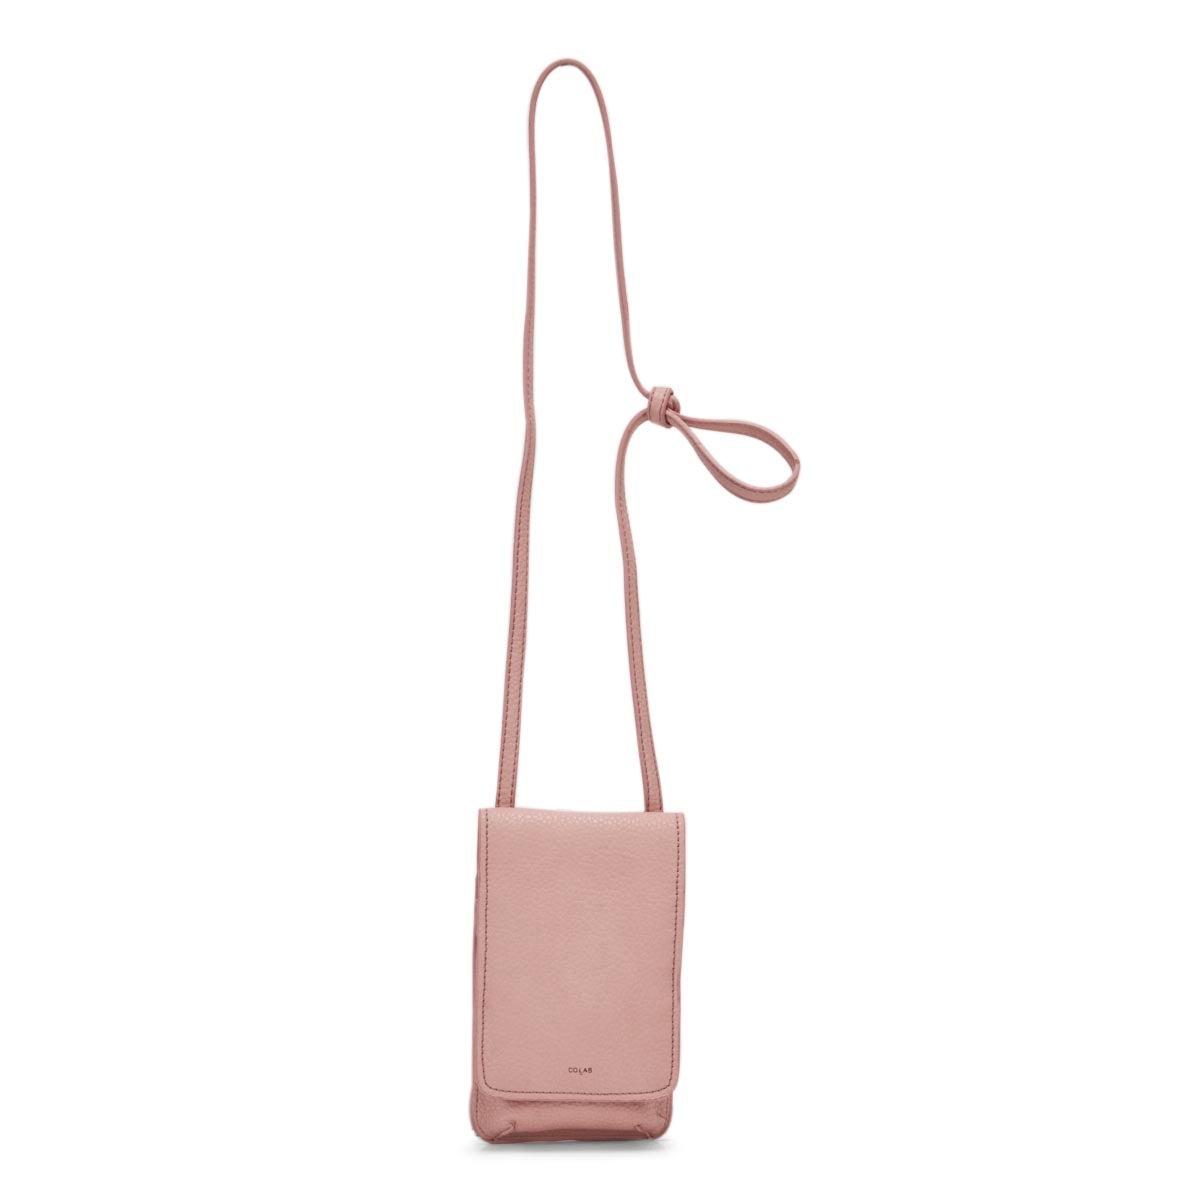 Lds cotton candy flap tech crossbody bag